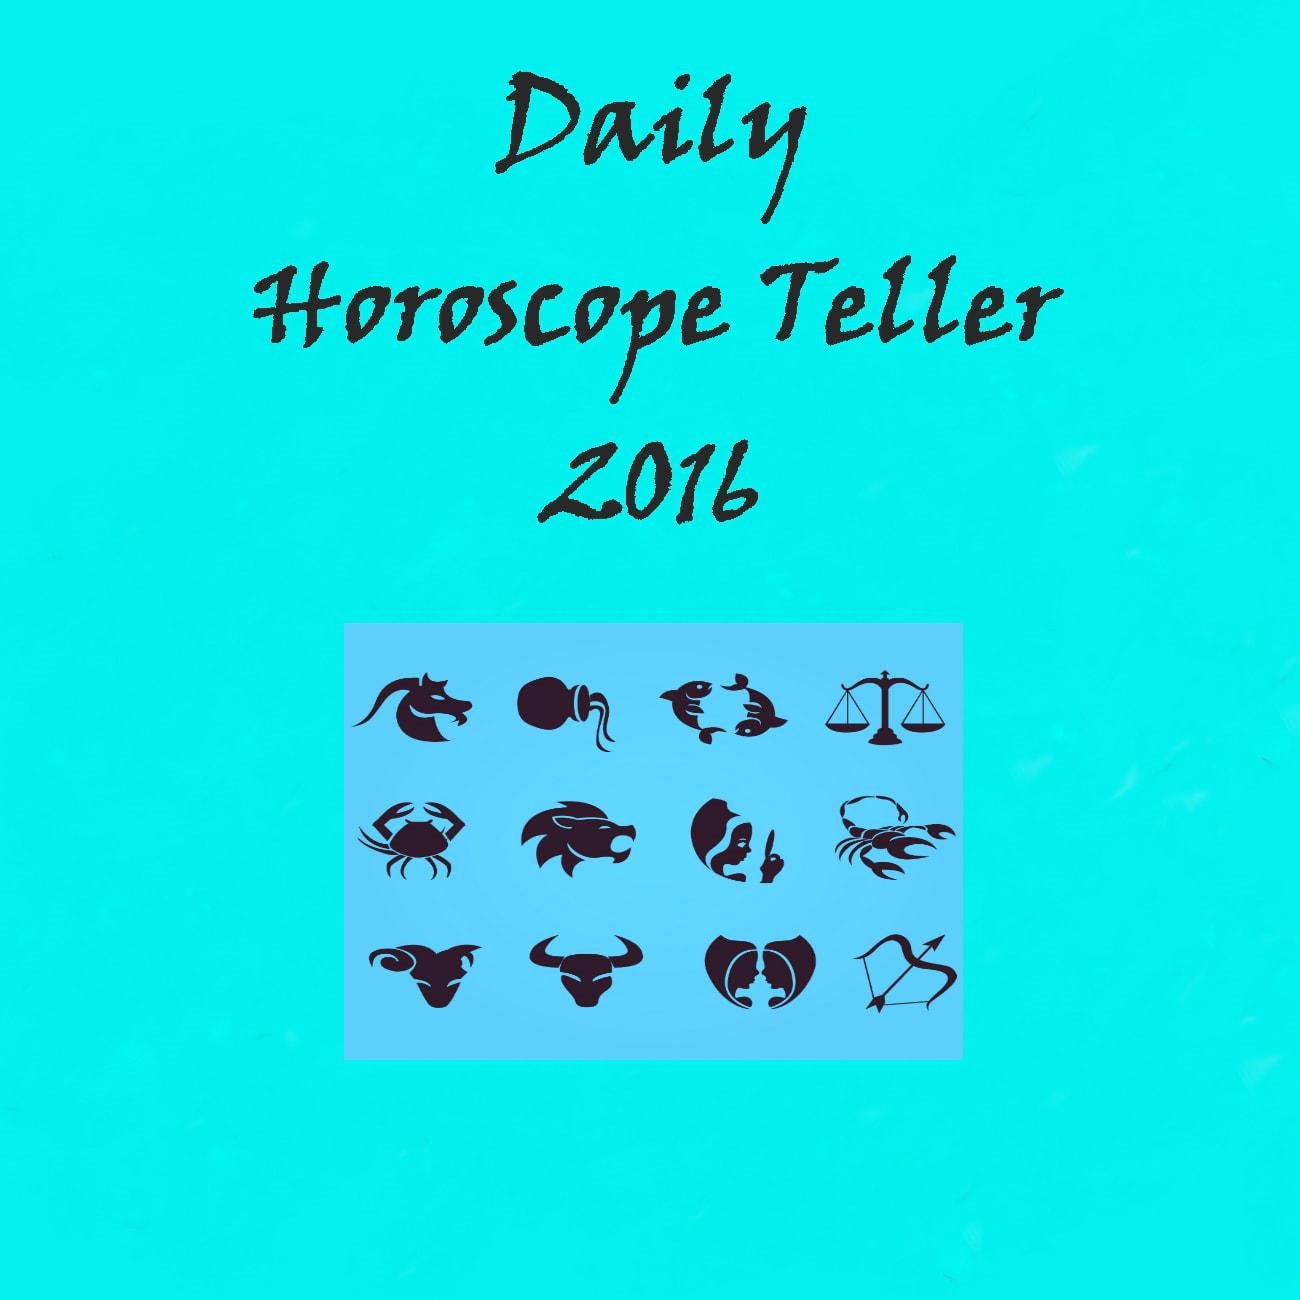 Daily Horoscope Teller 2016